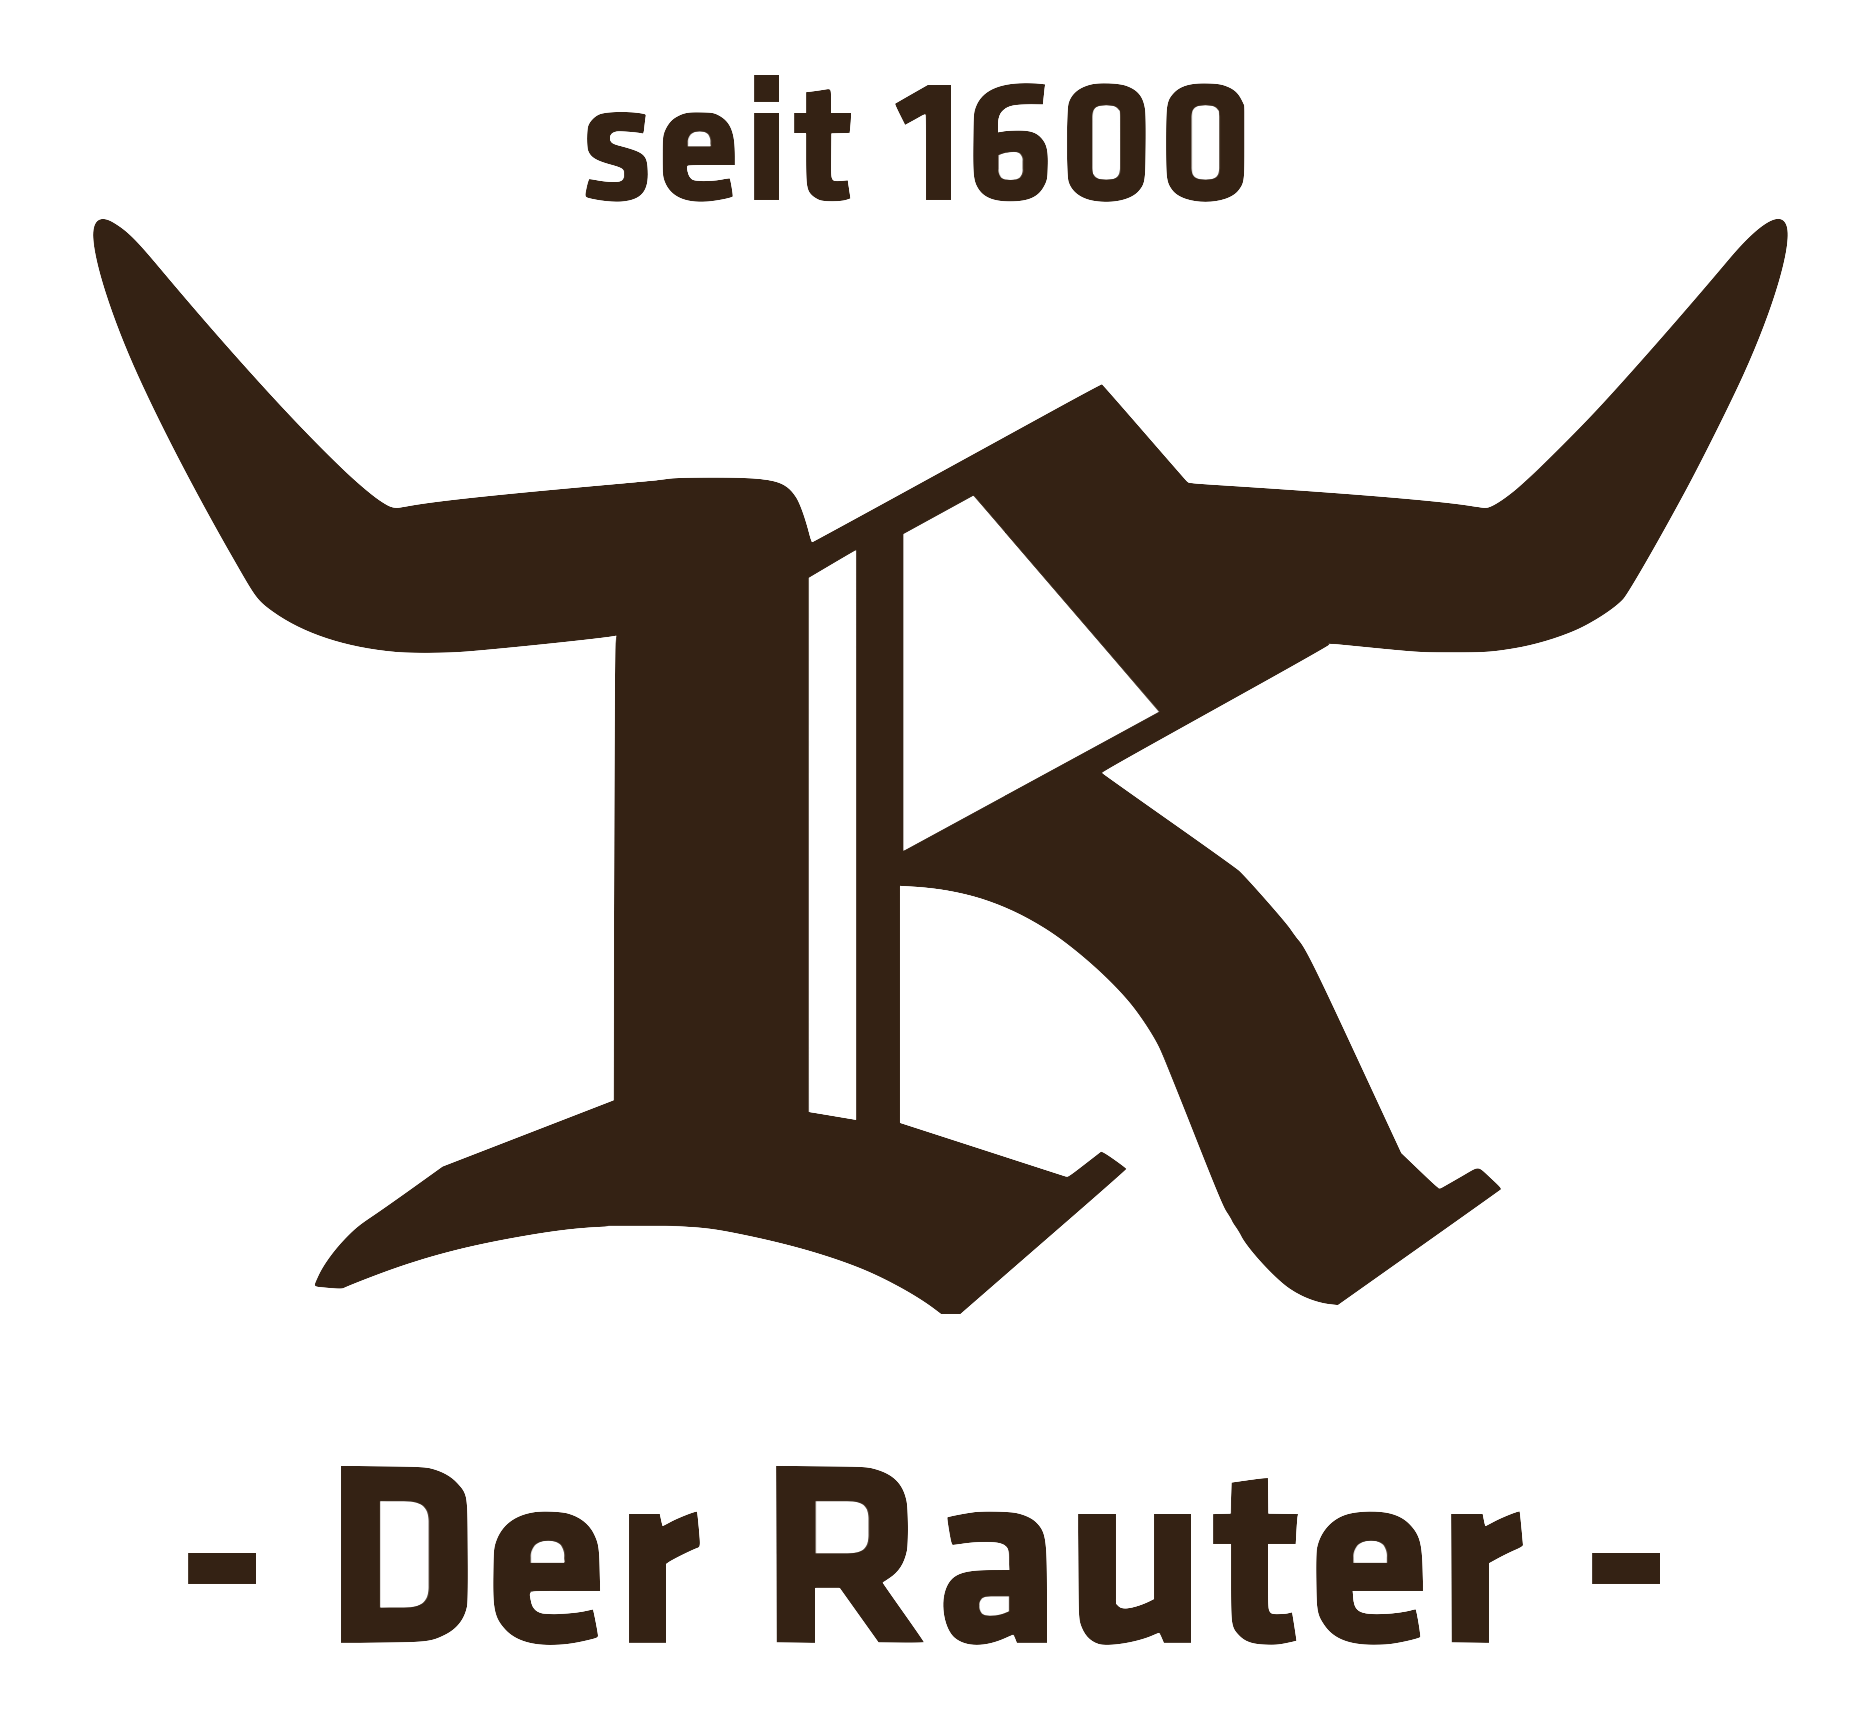 – Der Rauter – seit 1600